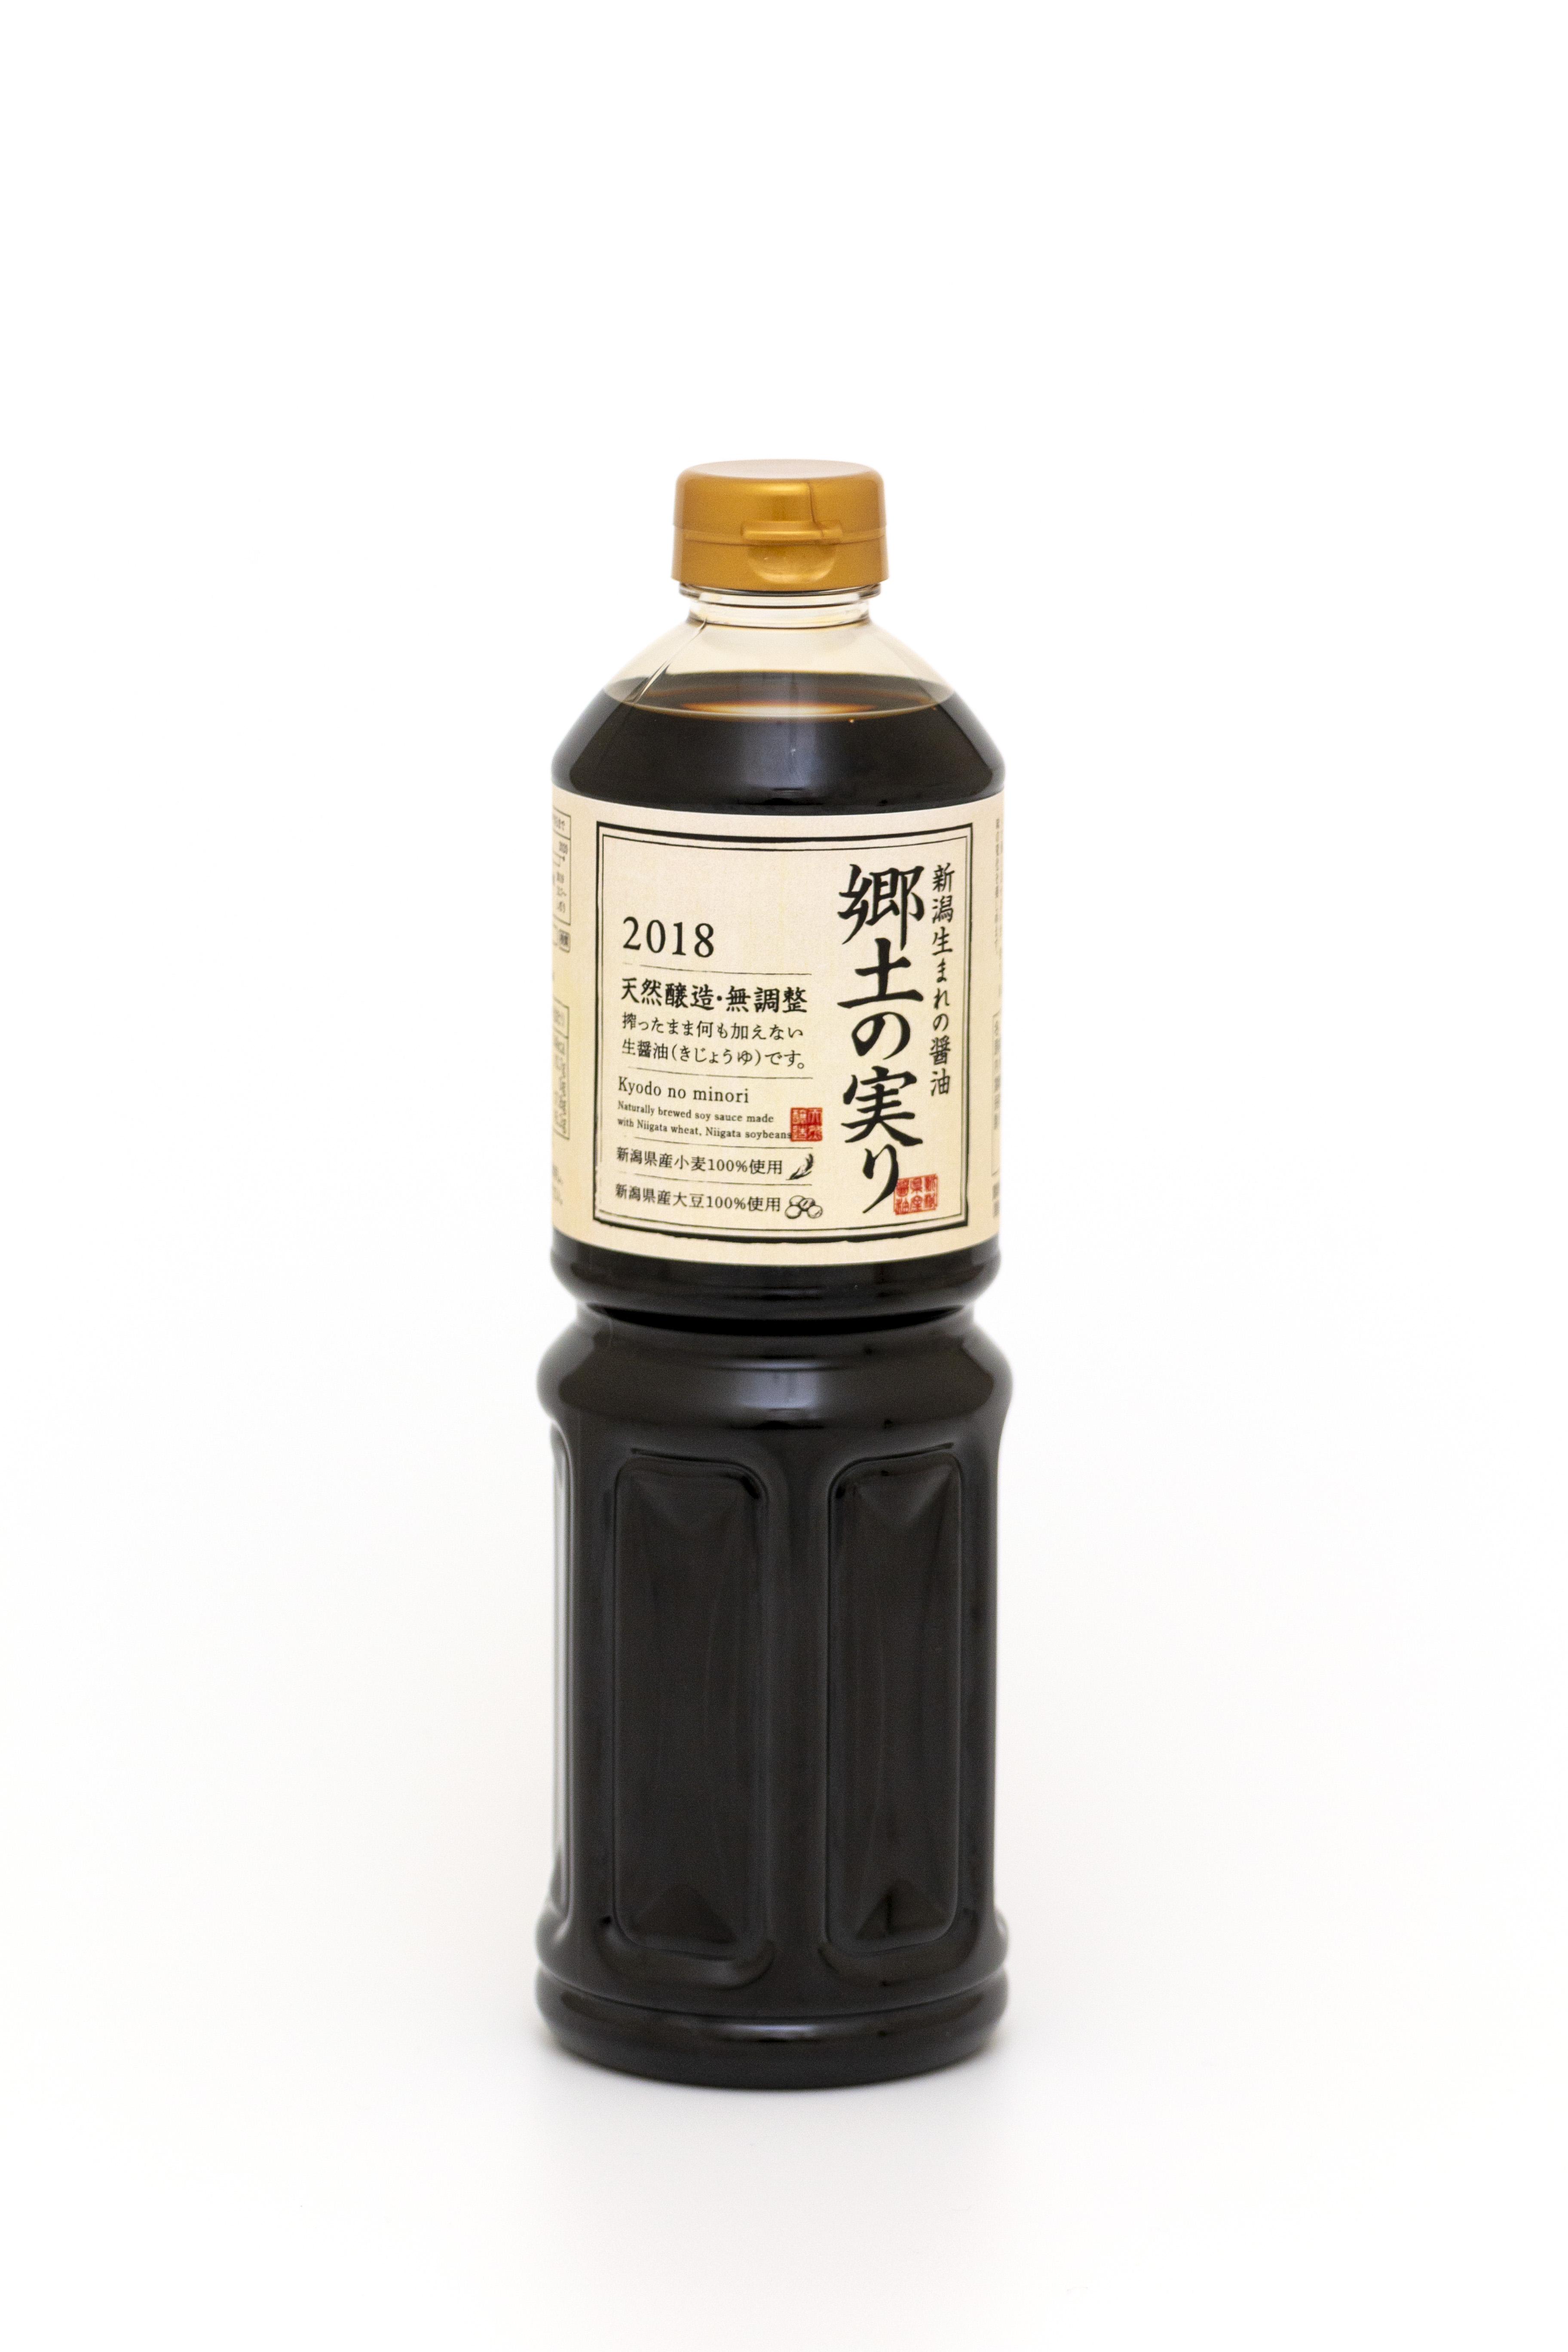 新潟県産生(き)醬油 郷土の実り 1L